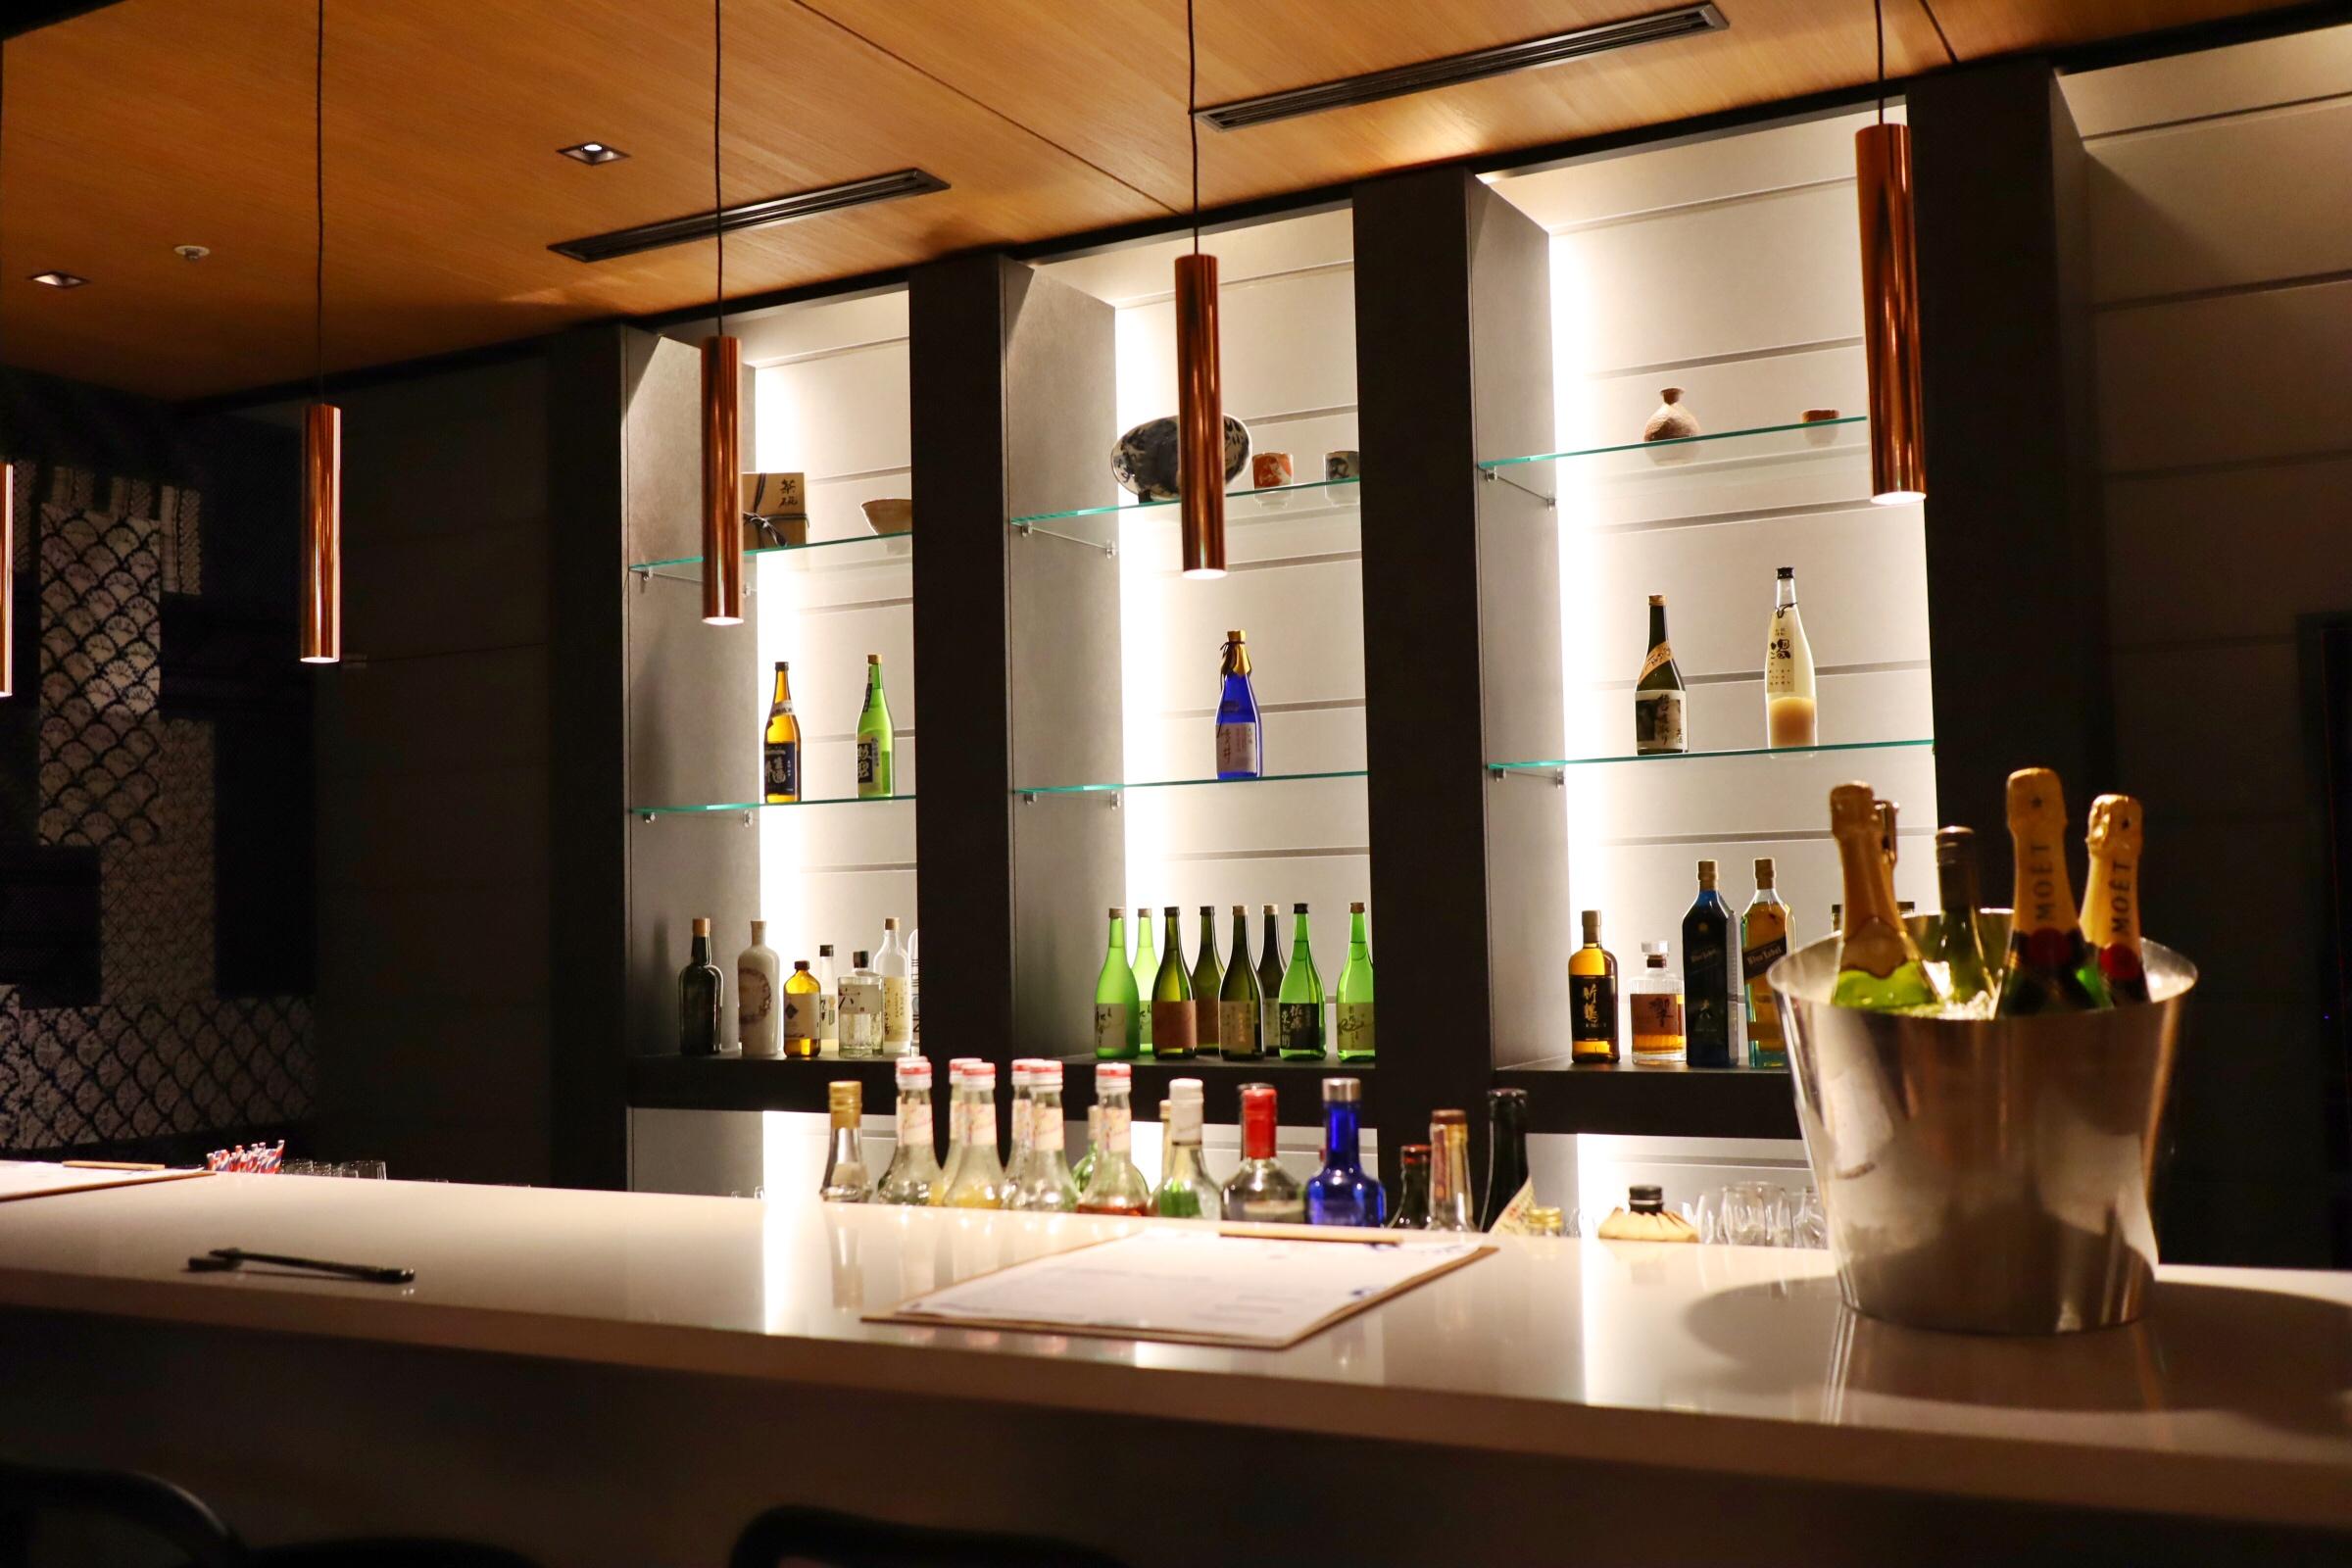 ヒルトン名古屋の日本料理「源氏」に酒バーがオープン!特選地酒と地元食材を使った創作和食とのペアリングを堪能できる - c5150eb8611cbcb2ac00cf53dd4de70a